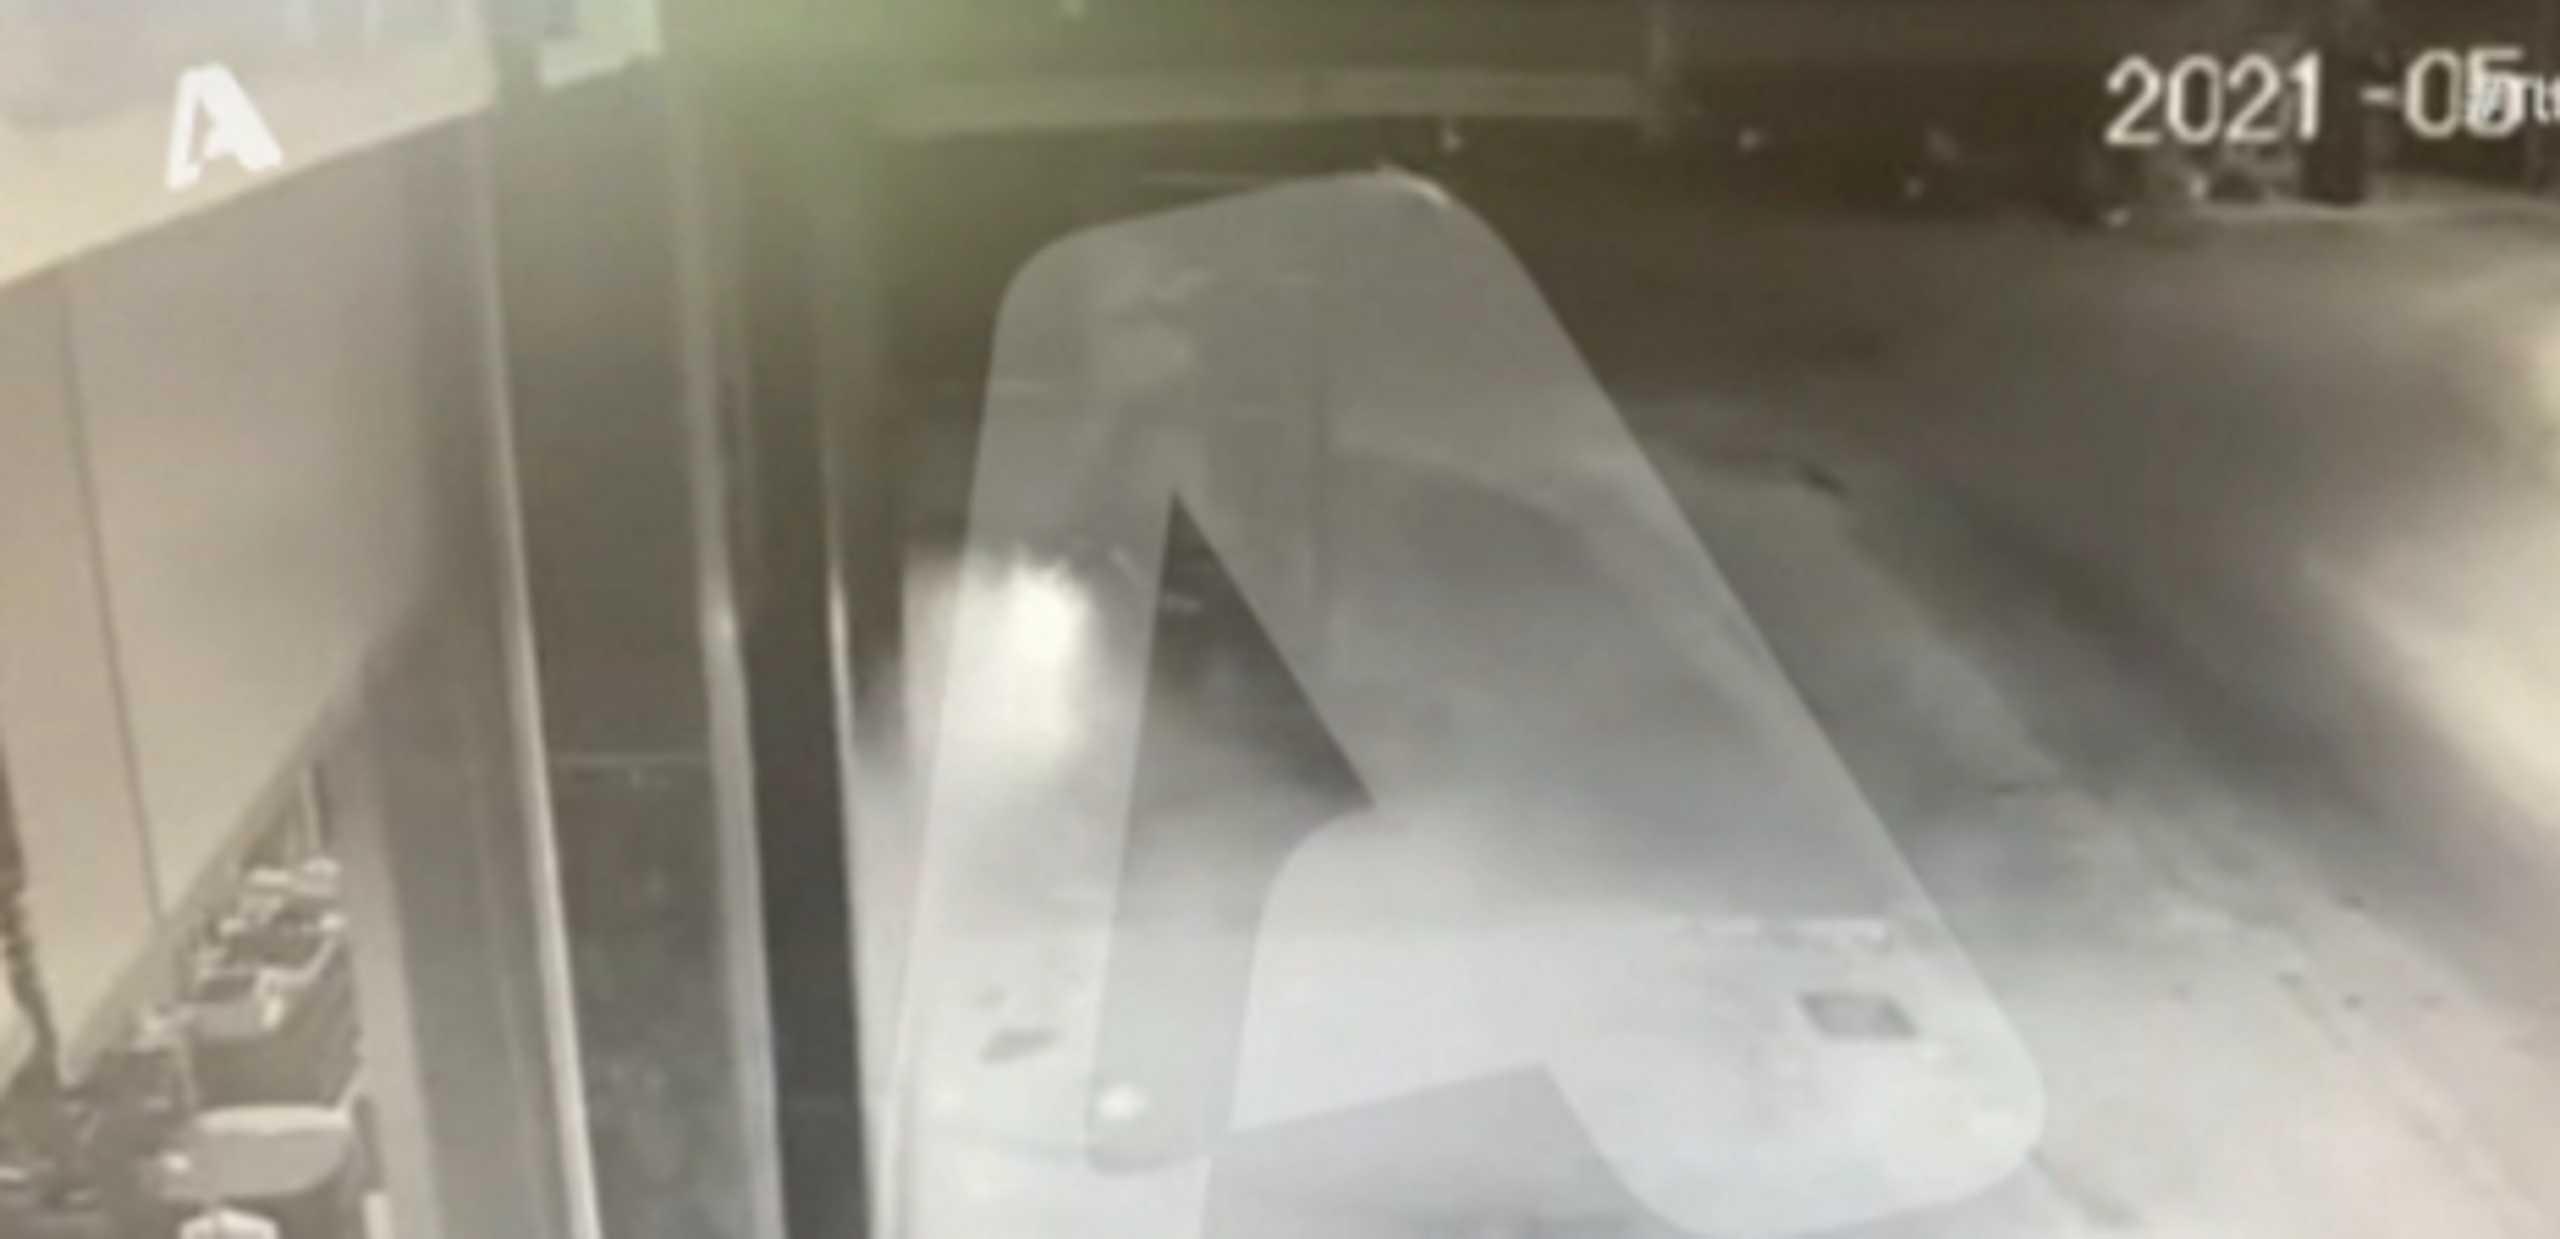 Πάτρα: Νεκρός σε τροχαίο ο Νίκος Τσιάκαλος – Το βίντεο ντοκουμέντο και το τραγικό παιχνίδι της μοίρας